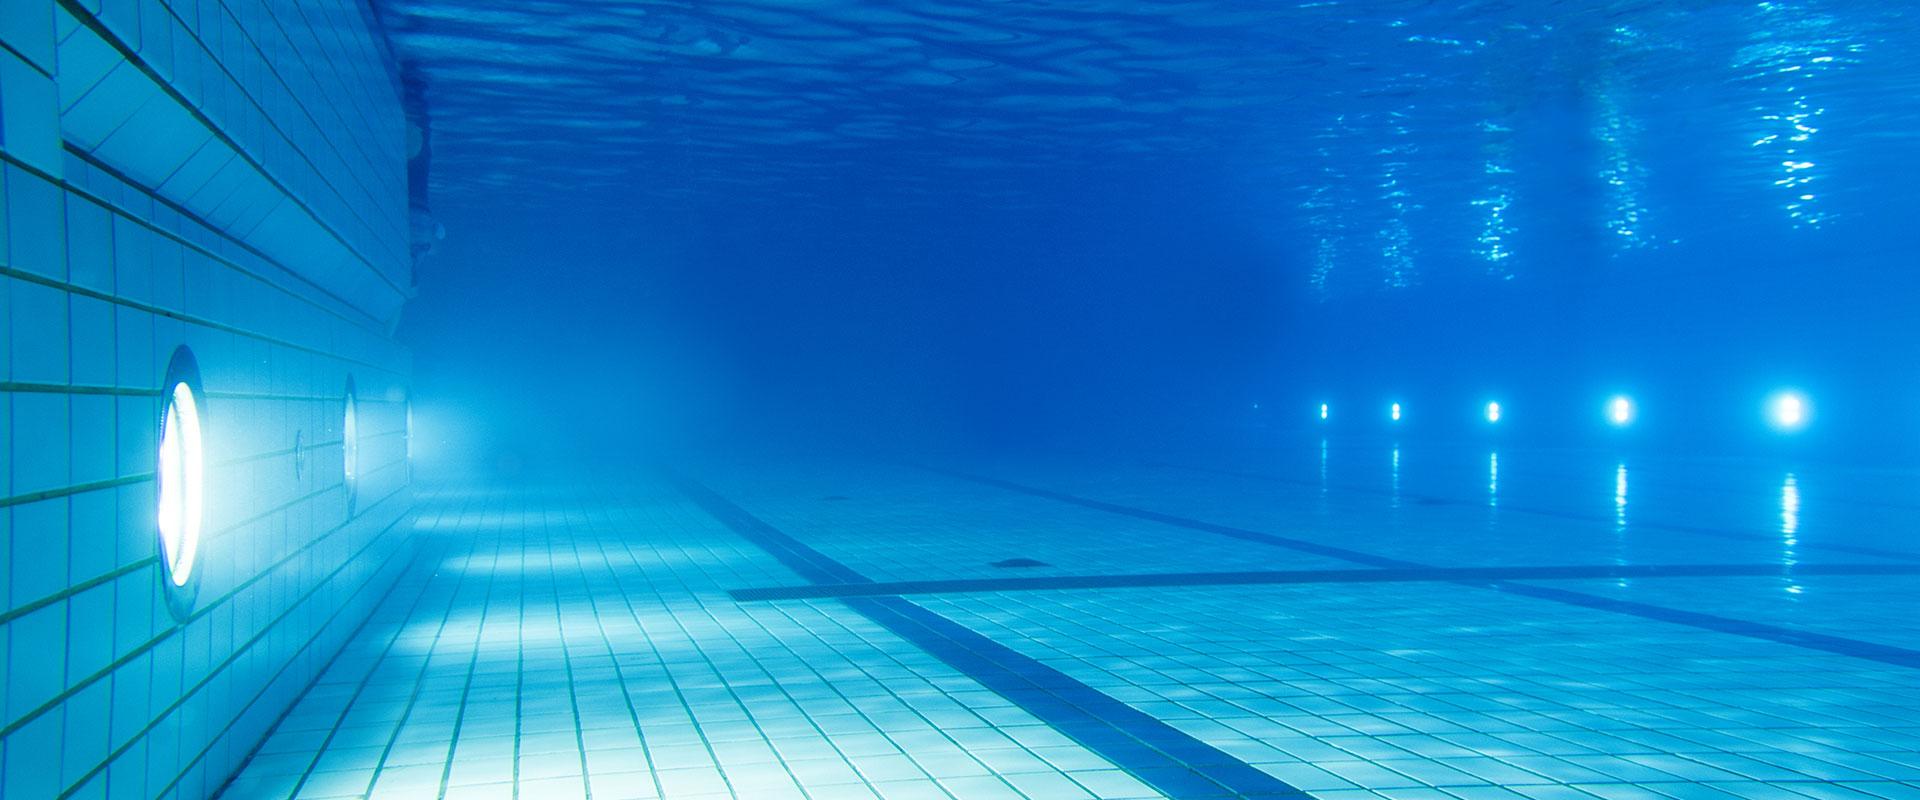 Unterwasserbeleuchtung hugo lahme ihre experten f r schwimmbadtechnik for Underwater luminaire for swimming pool